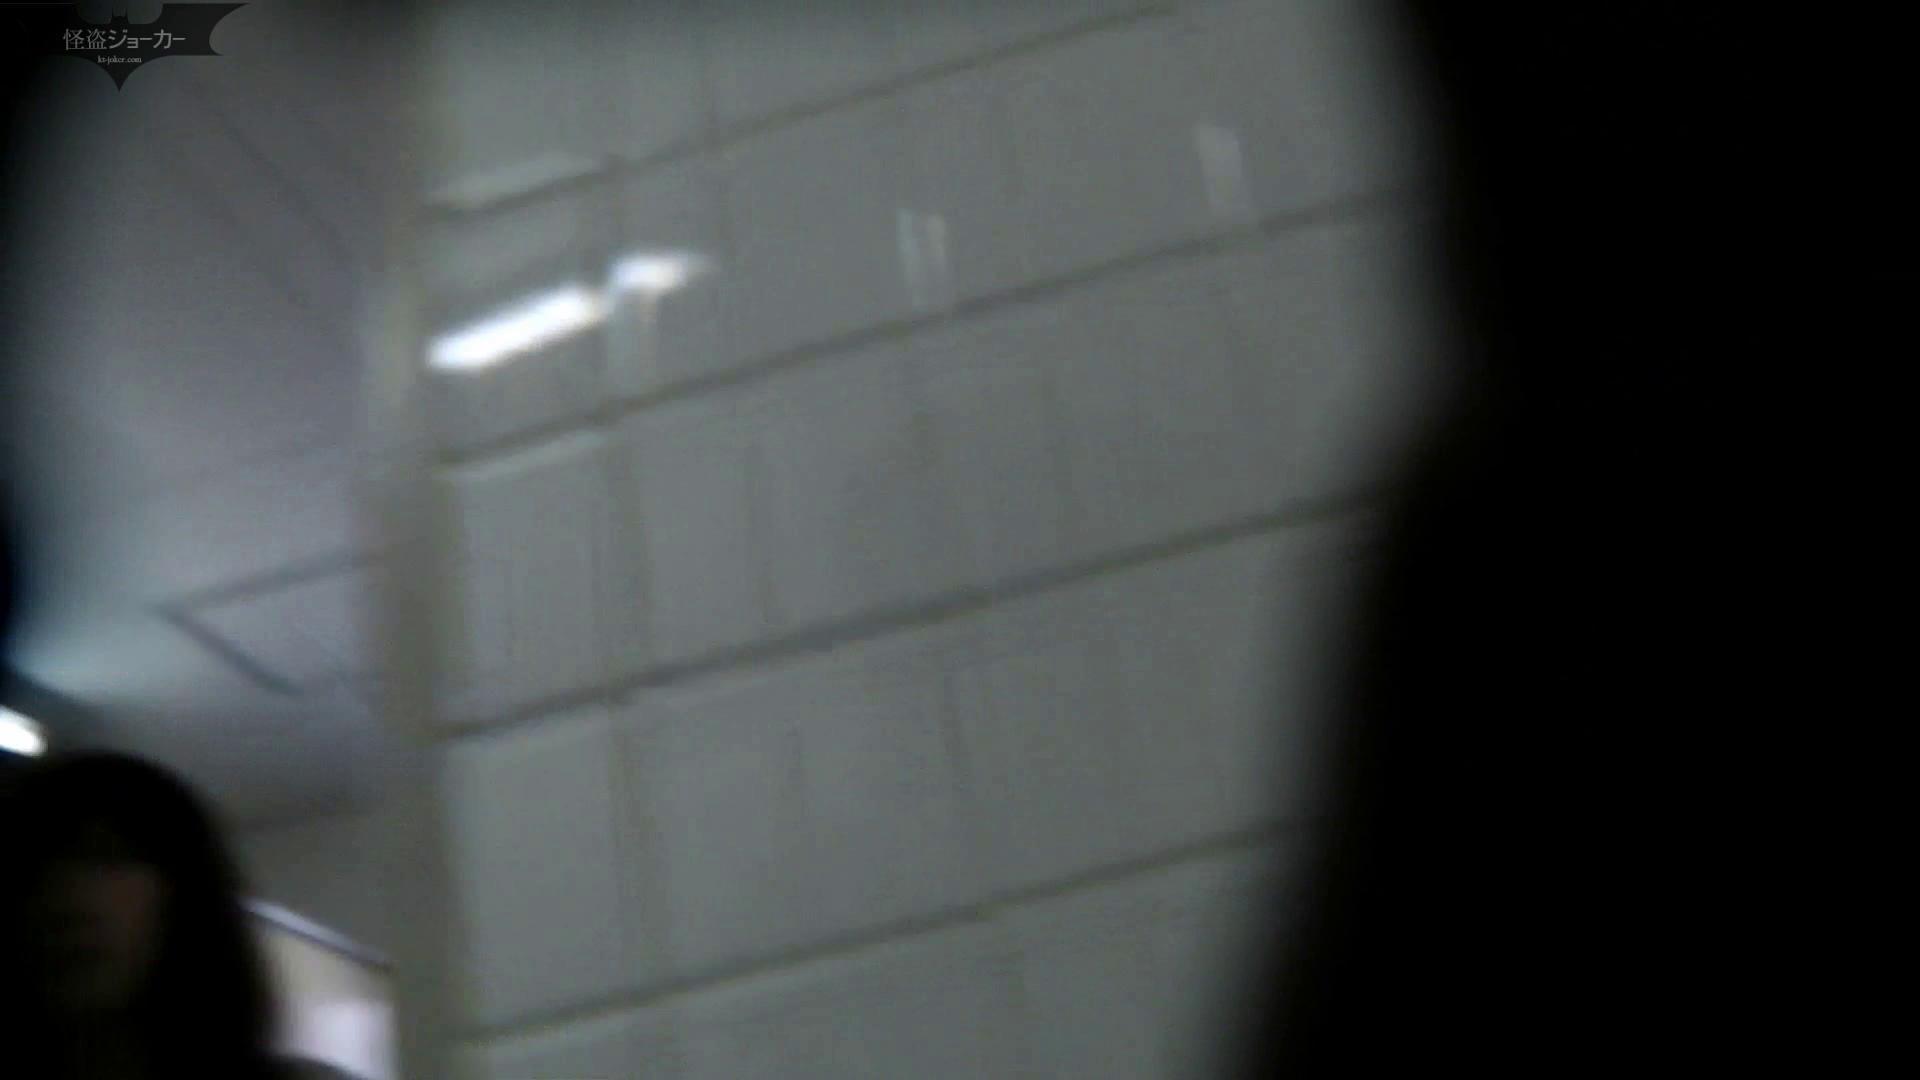 【美しき個室な世界】洗面所特攻隊 vol.046 更に進化【2015・07位】 高評価  91画像 84